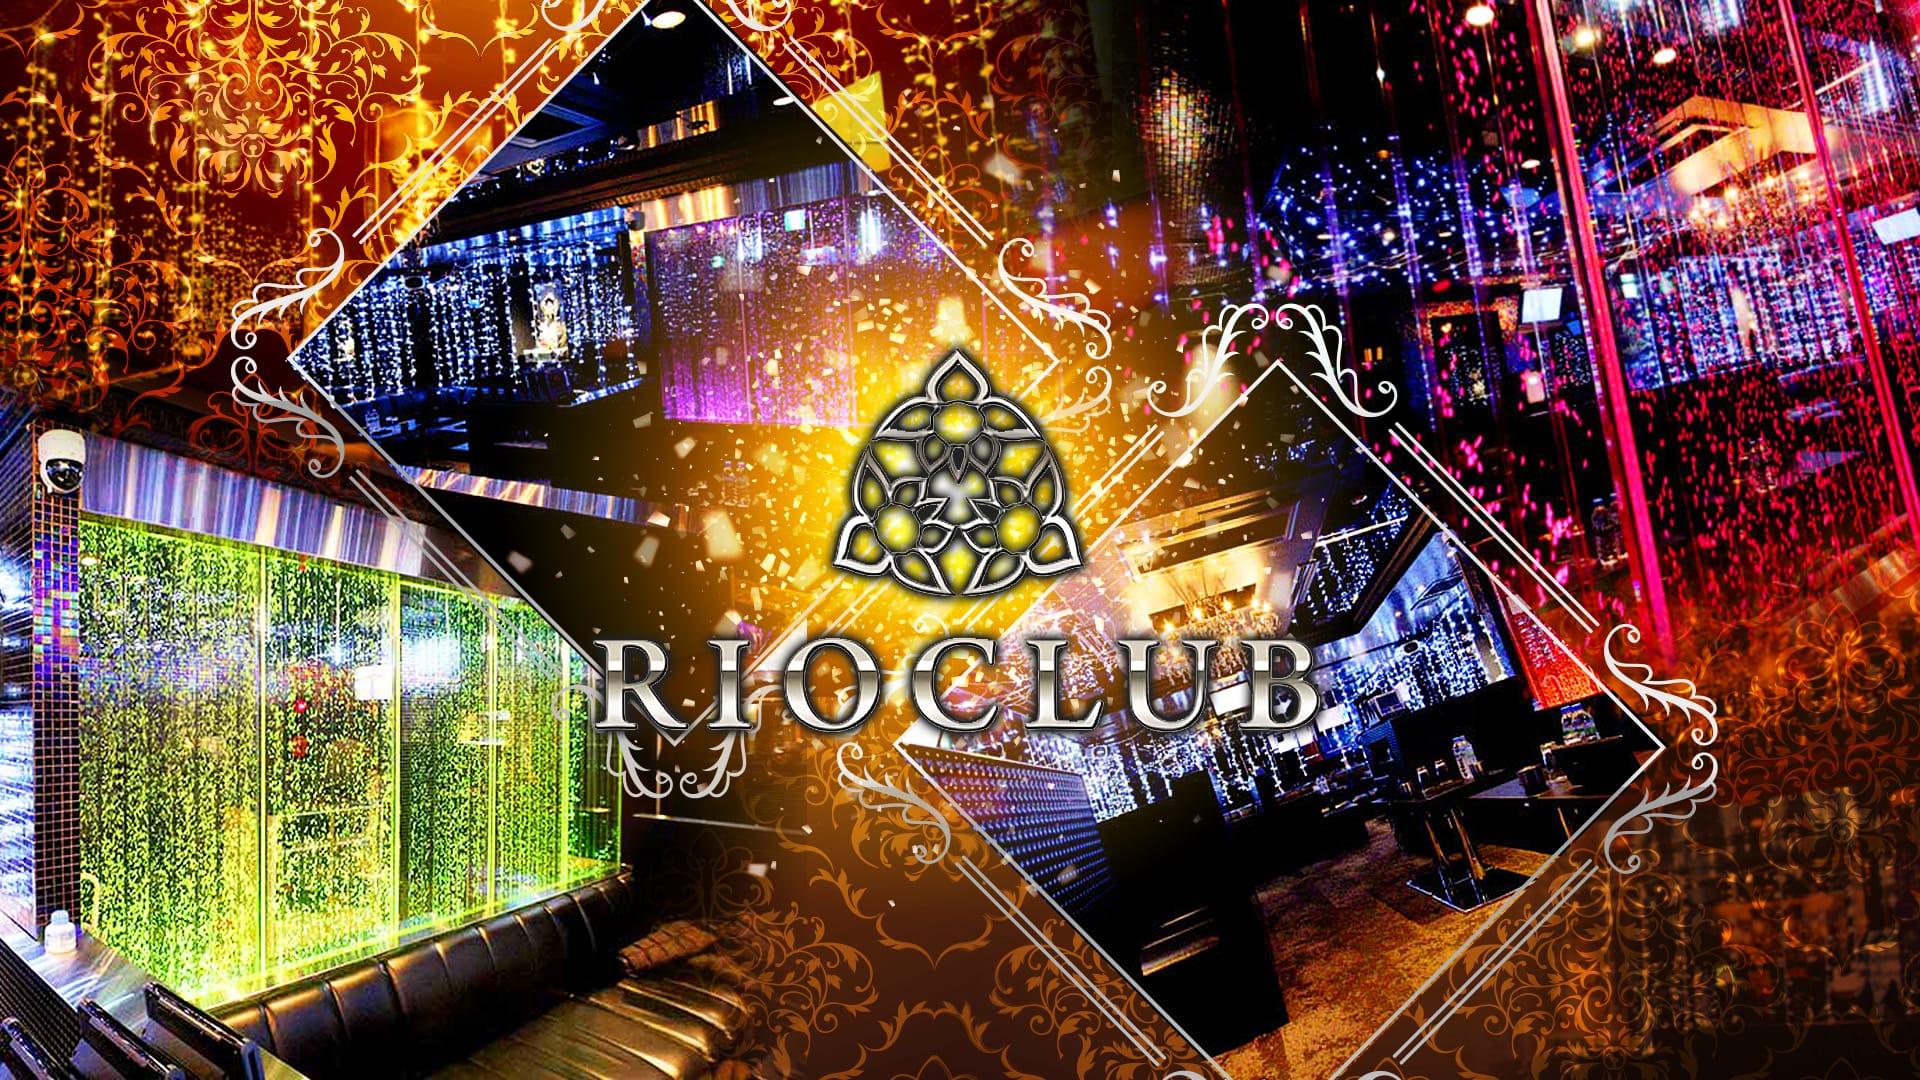 Rio Club(リオクラブ) 大宮キャバクラ TOP画像